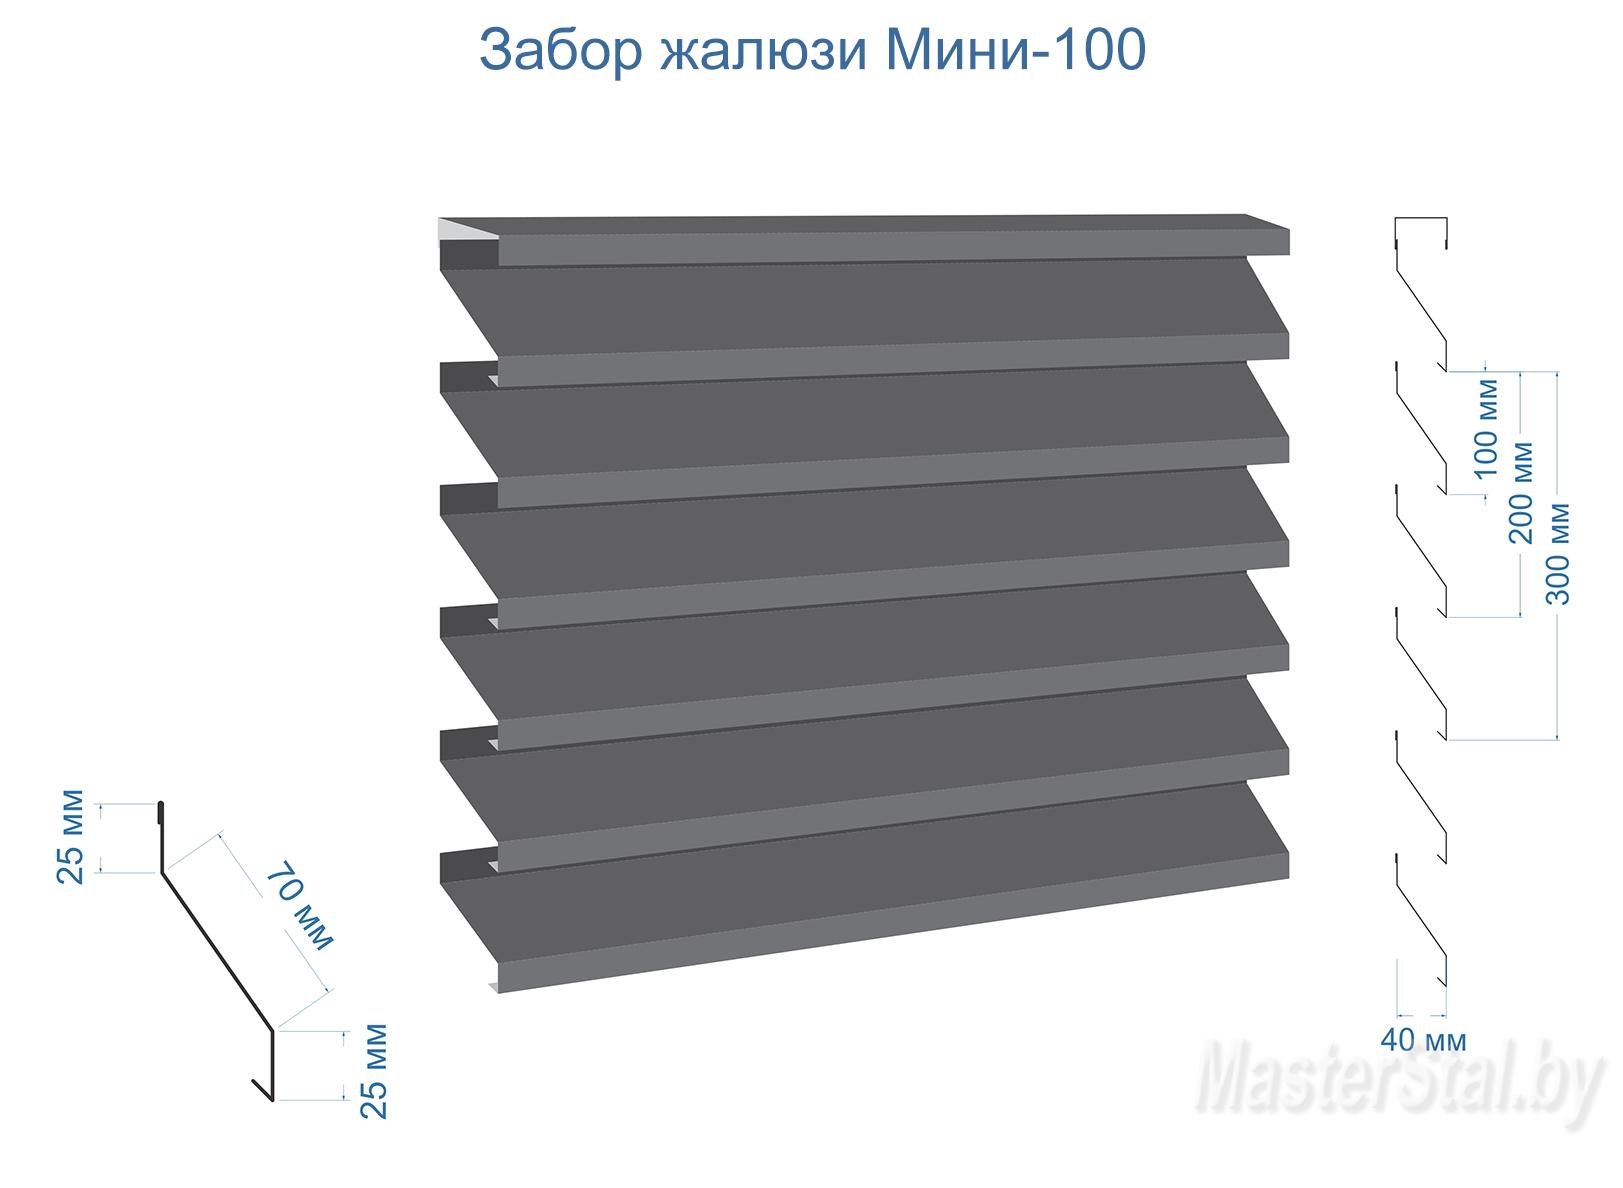 Забор жалюзи металлический Мини-100 размеры